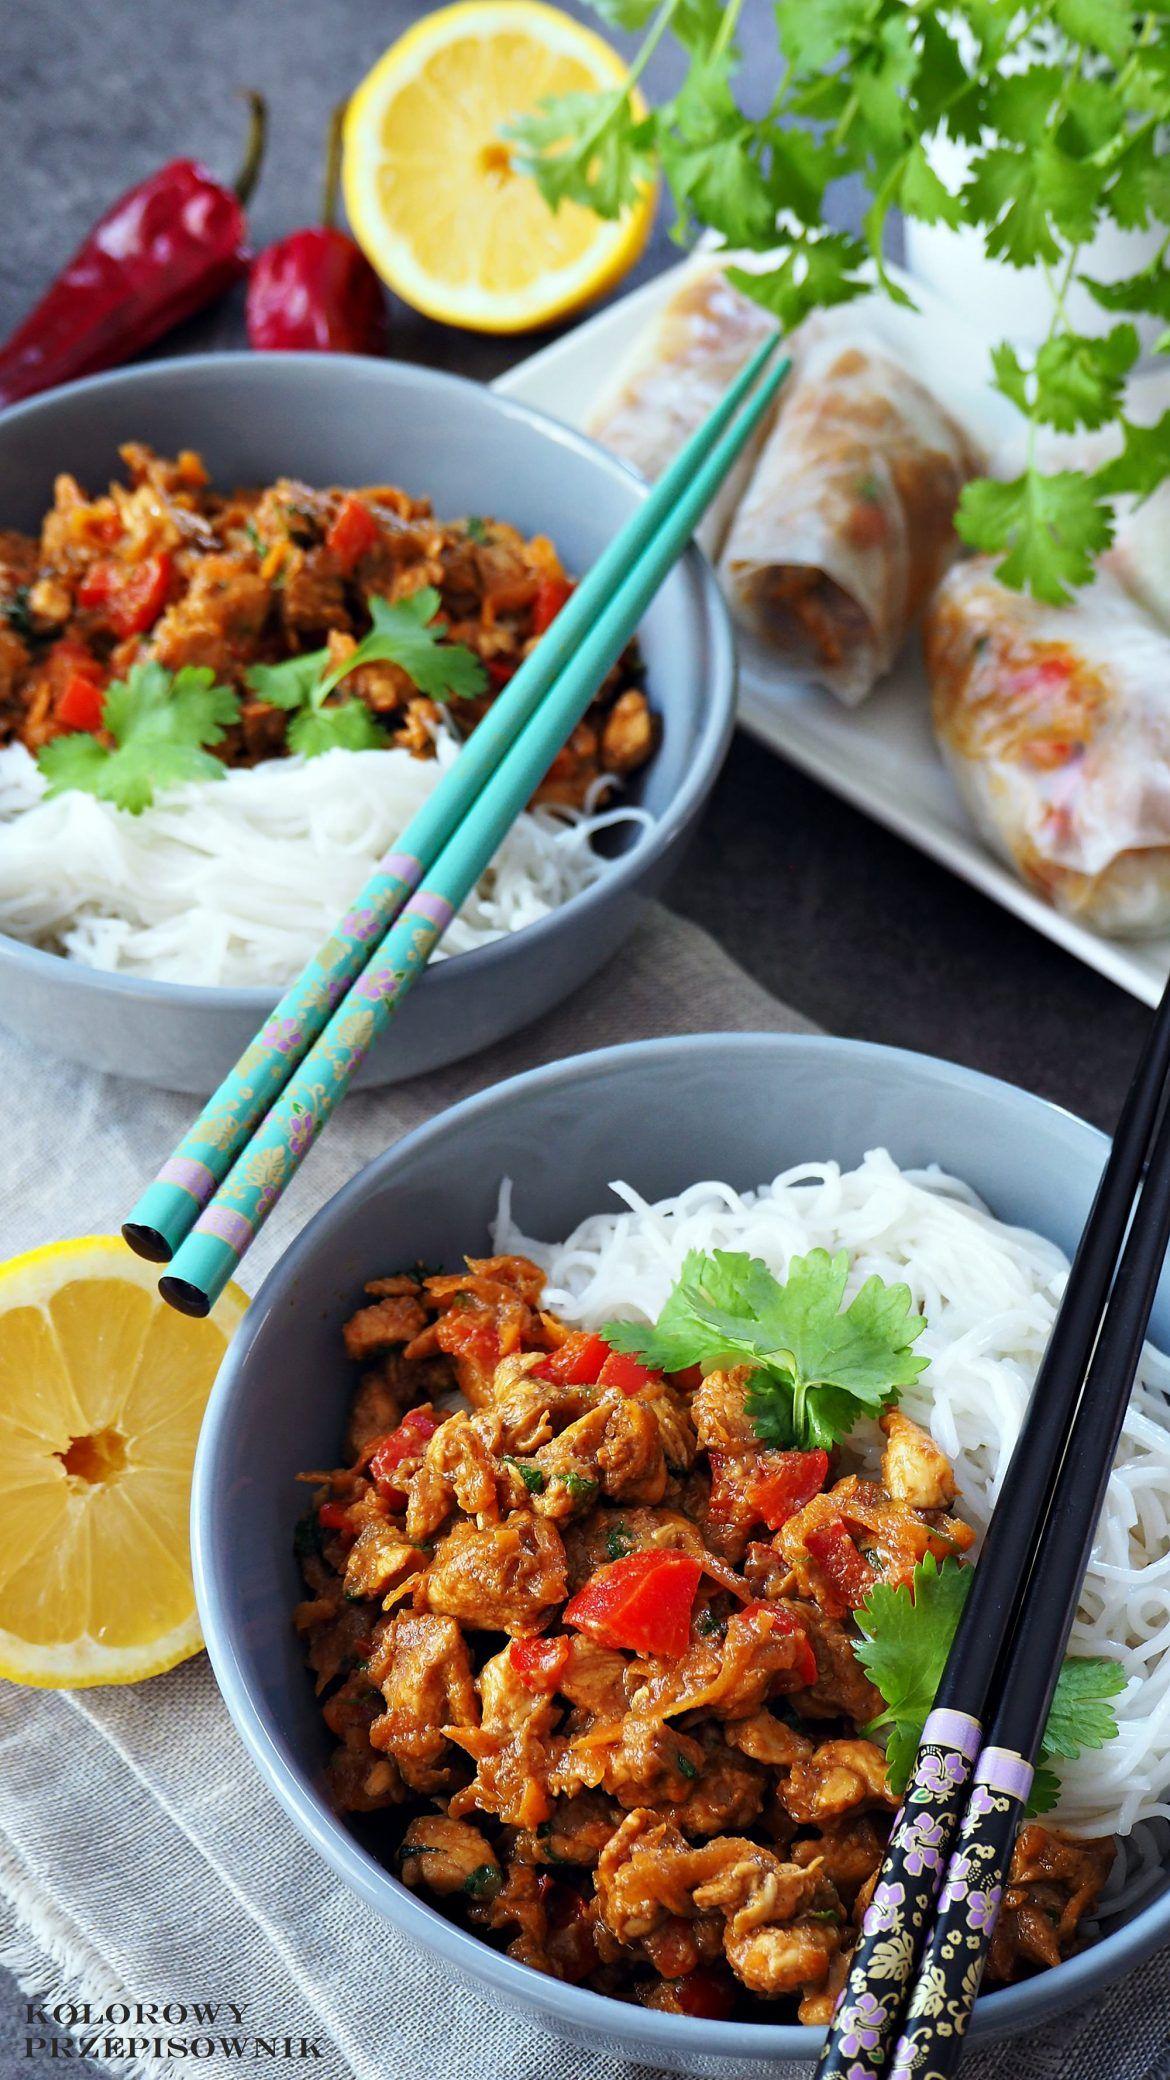 Kurczak W Sosie Czosnkowo Imbirowym Kurczak Z Makaronem Ryzowym Danie Orientalne Kurczak Orientalny Kuchnia Orientalna Asian Recipes Poultry Recipes Food